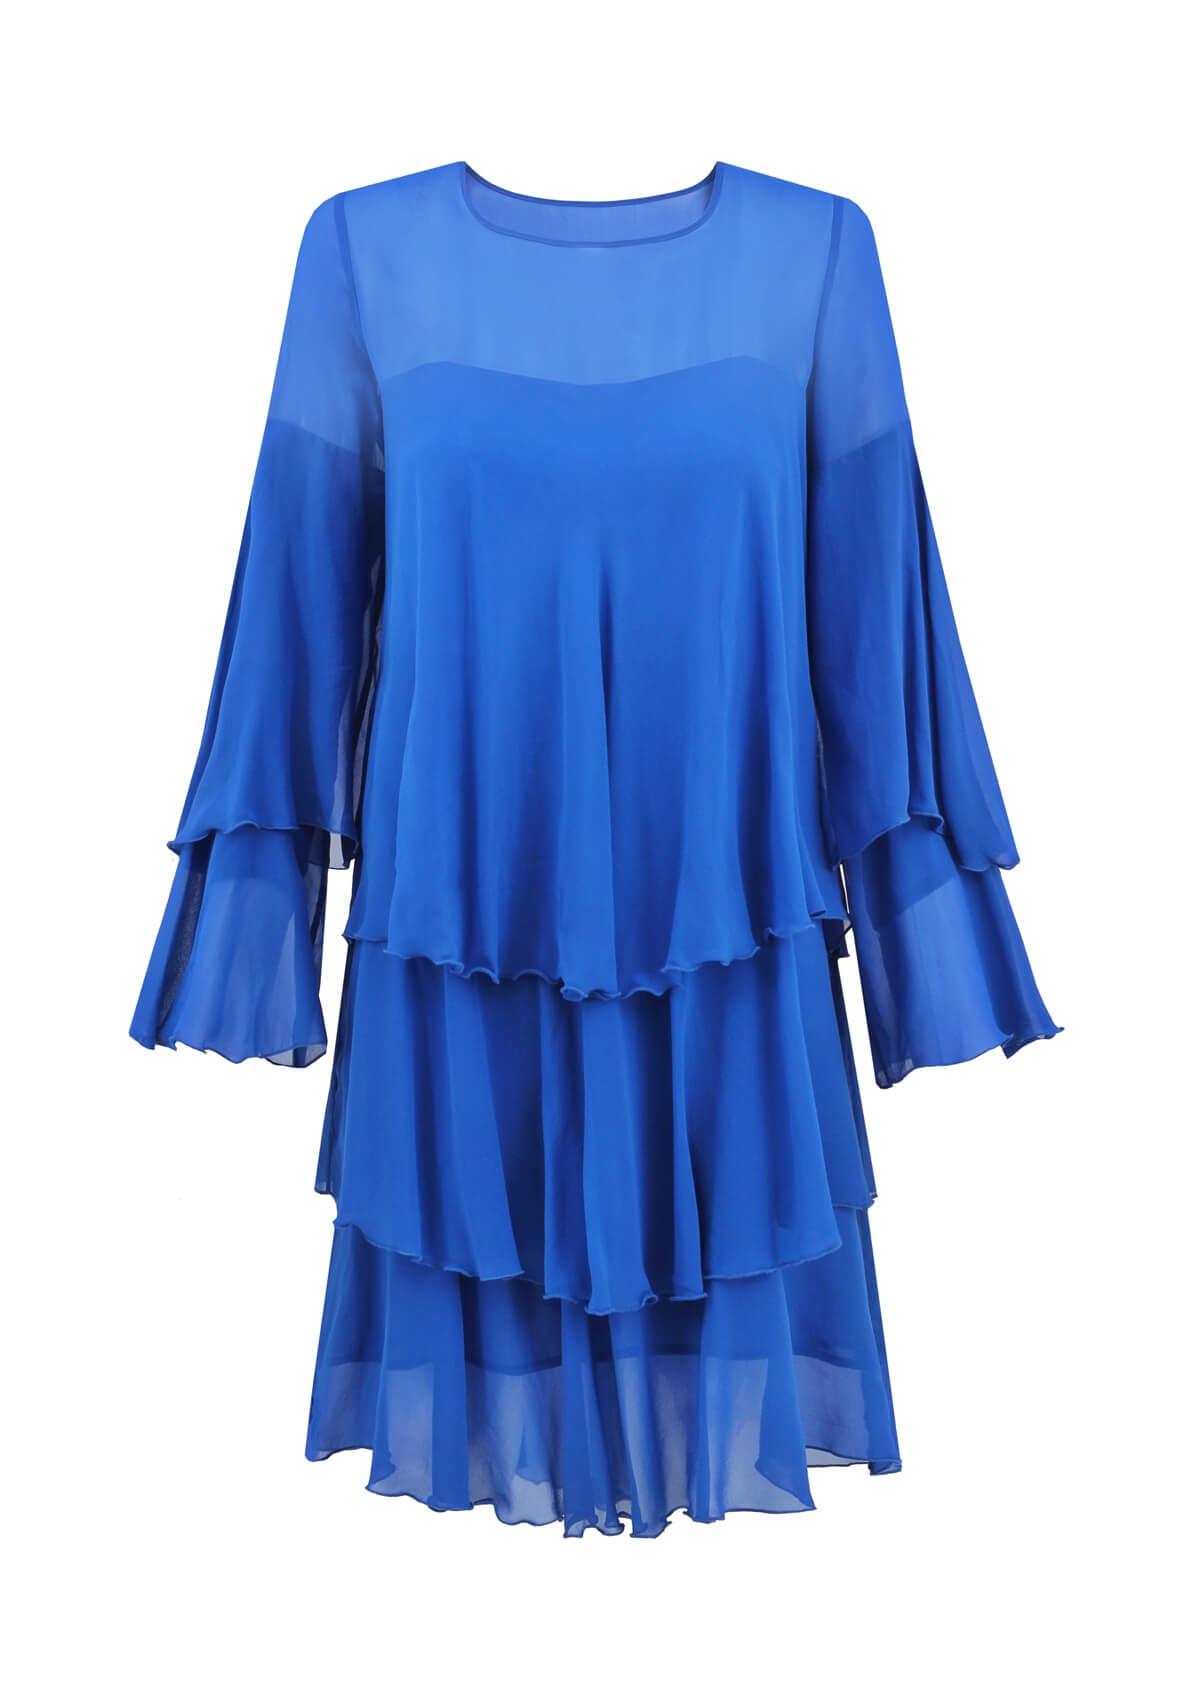 sukienka jedwabna yasmine niebieska